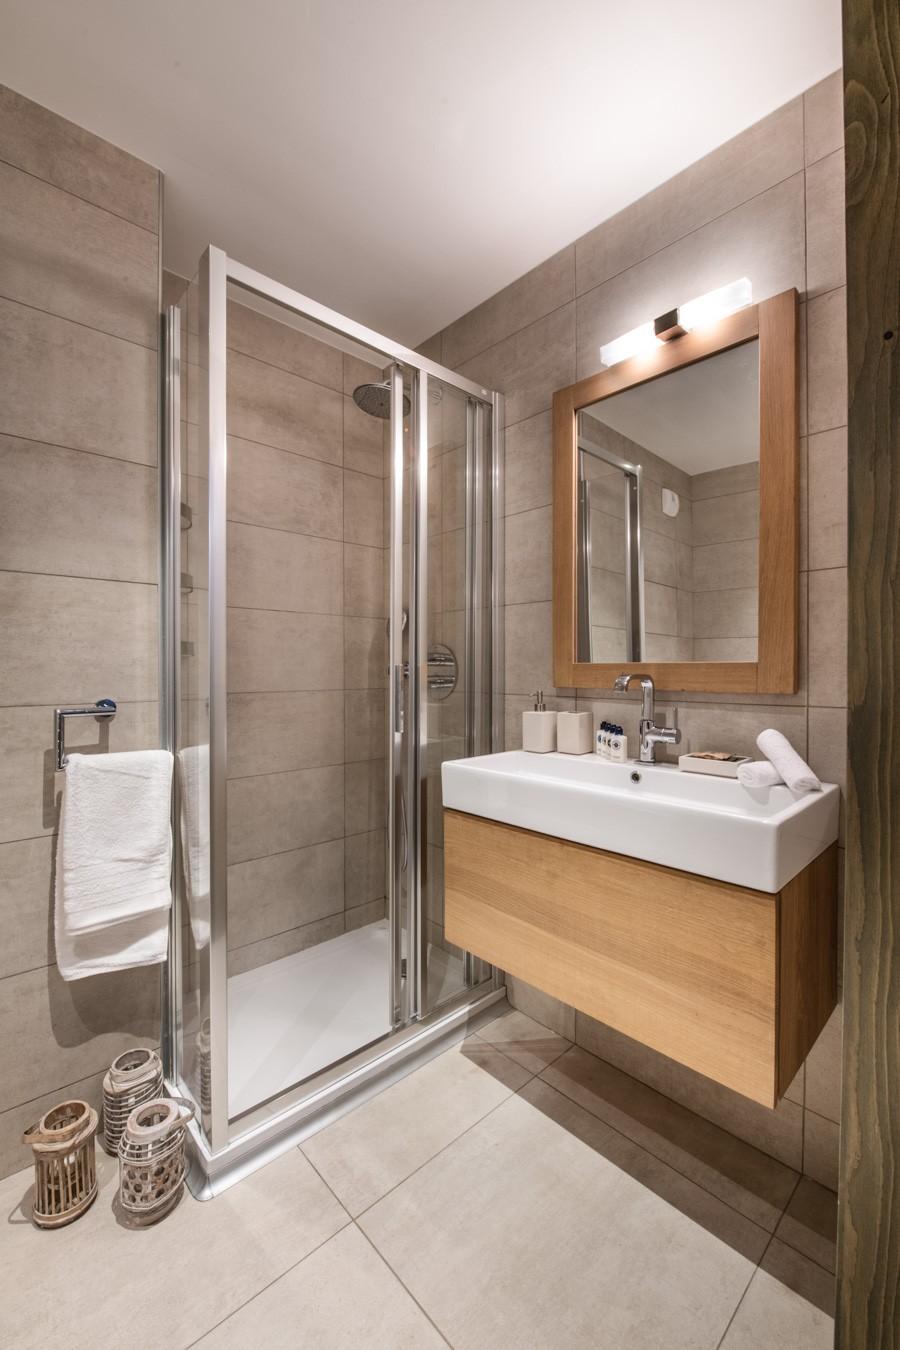 Courchevel 1650 Location Appartement Luxe Aluminite Salle De Bain 3